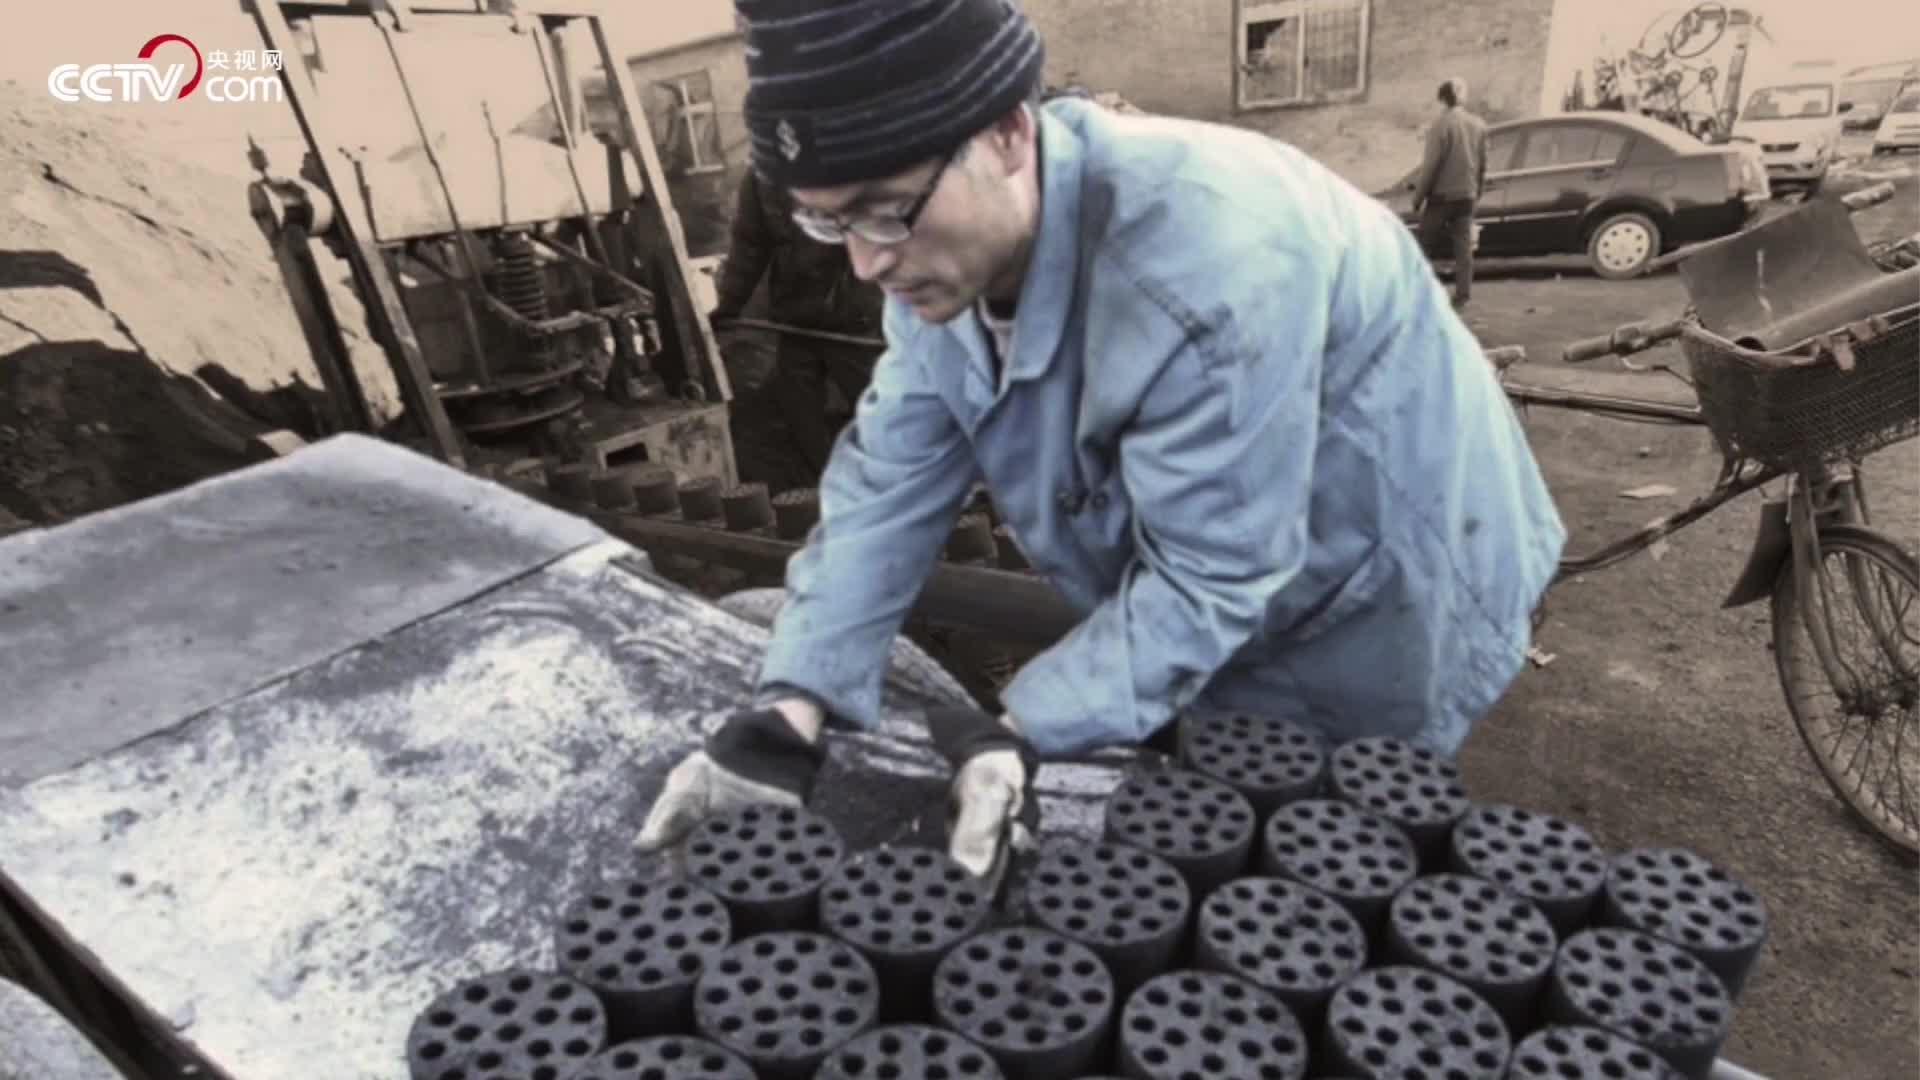 [视频]【中国微故事两会策划·中国正美好】平房小院面貌一新 蓝了天暖了心